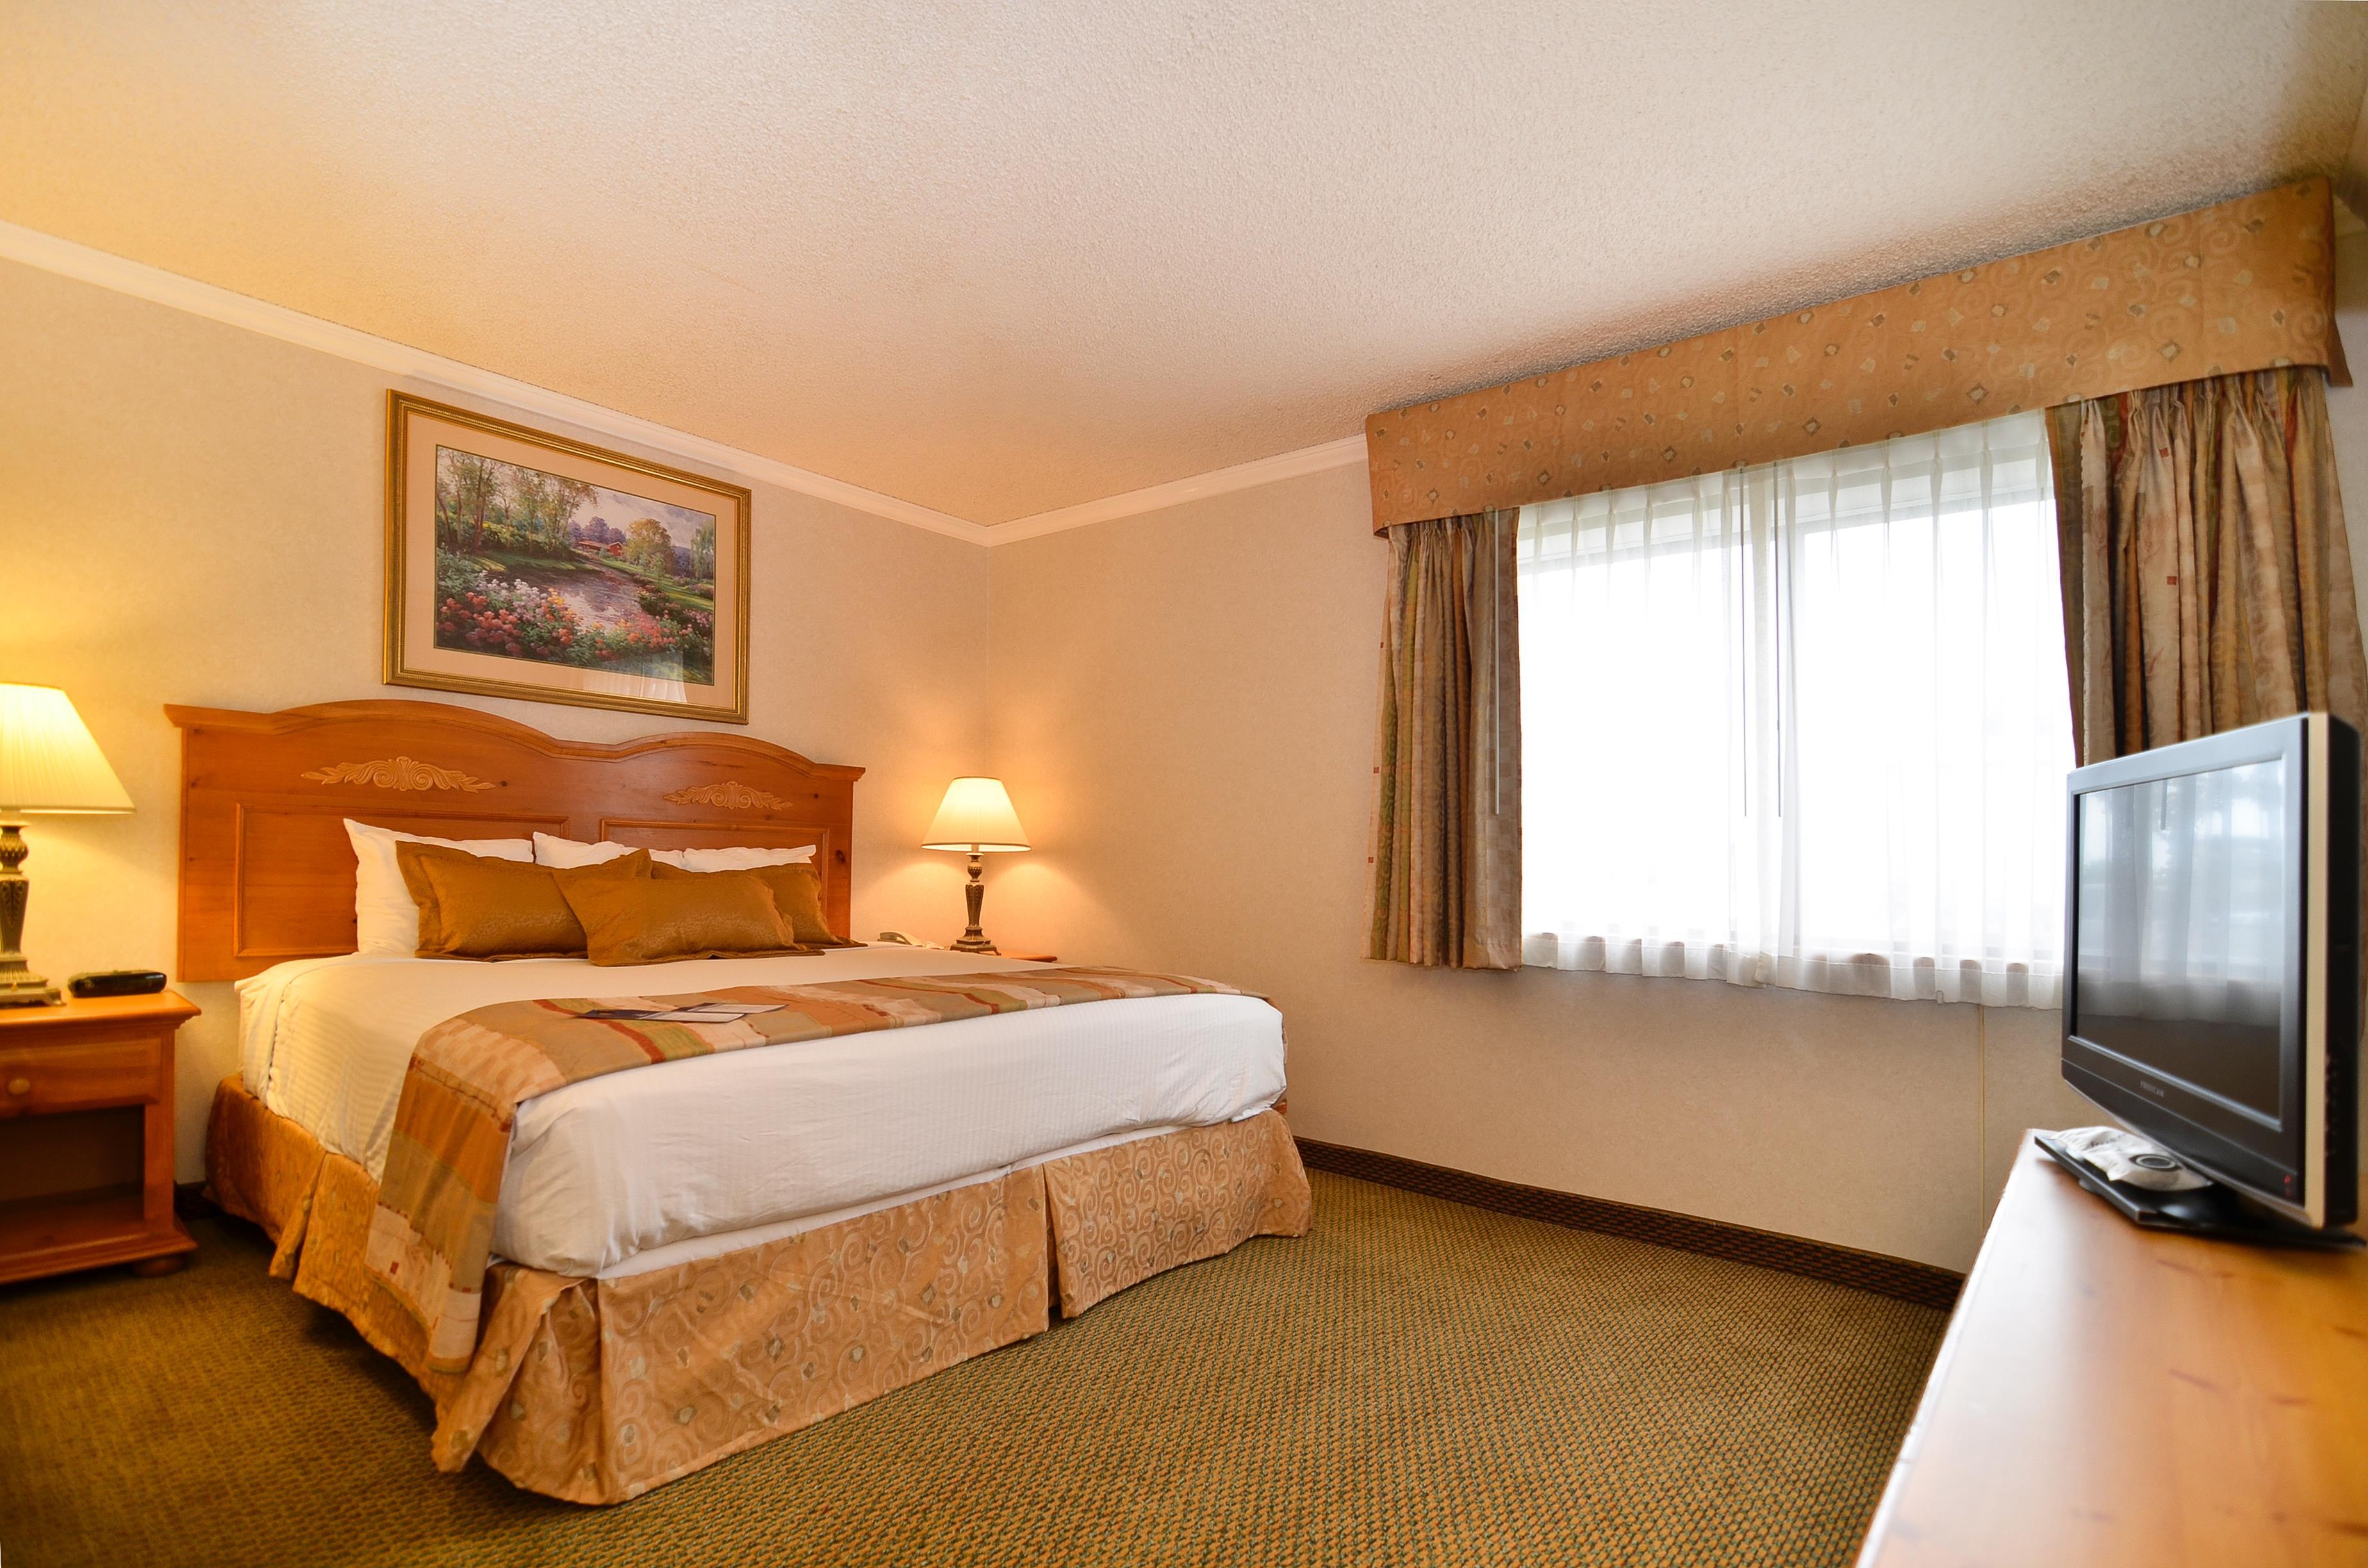 Best Western Inn & Suites image 16